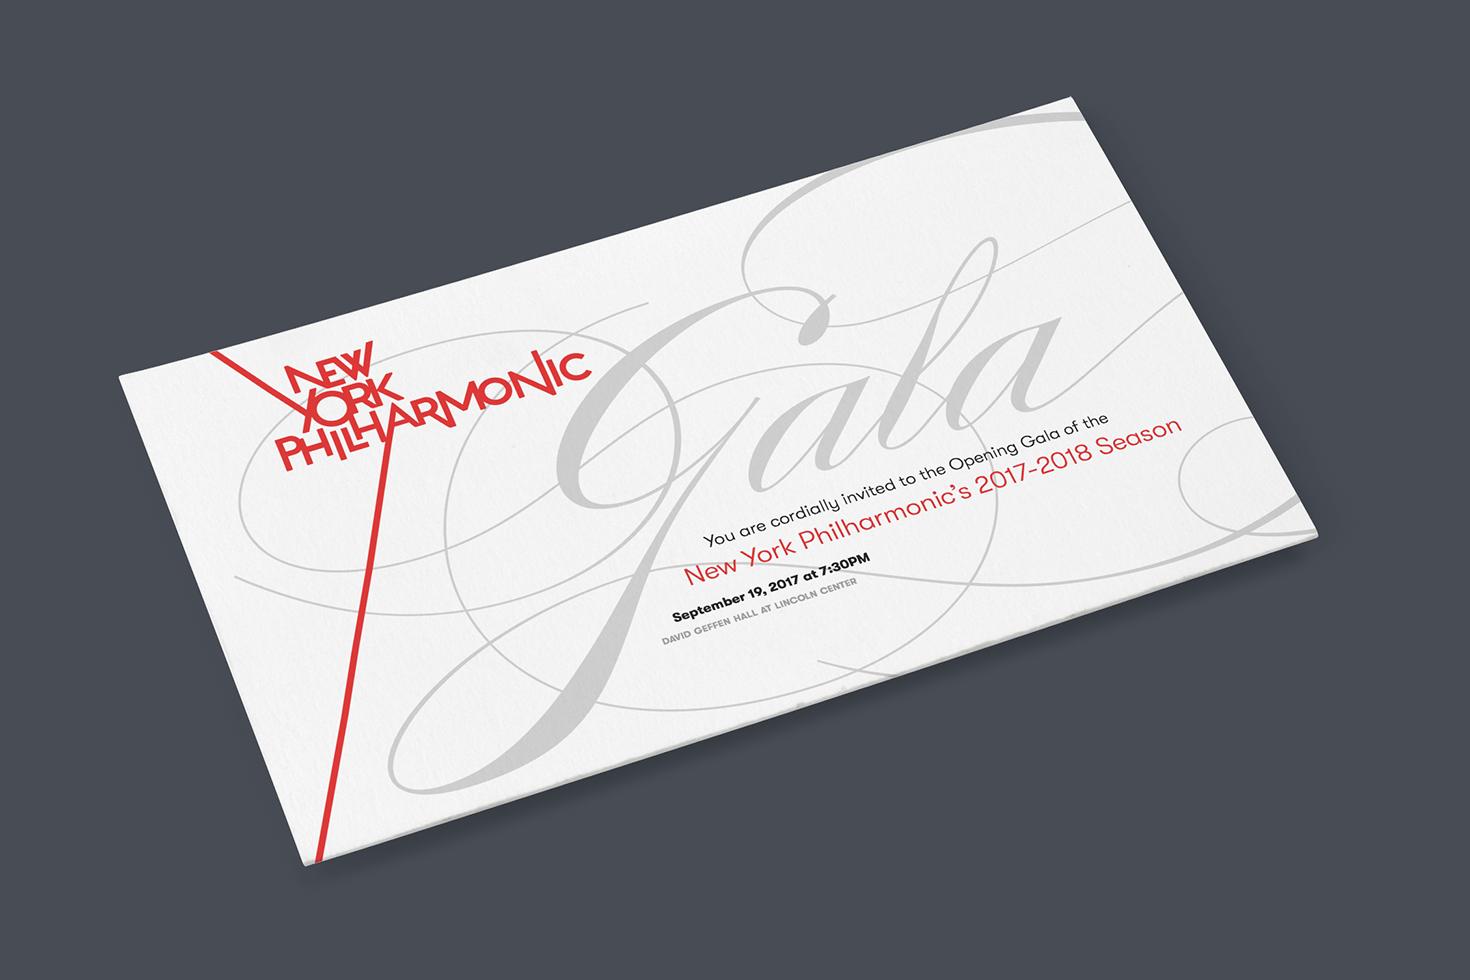 NYPhil gala invite